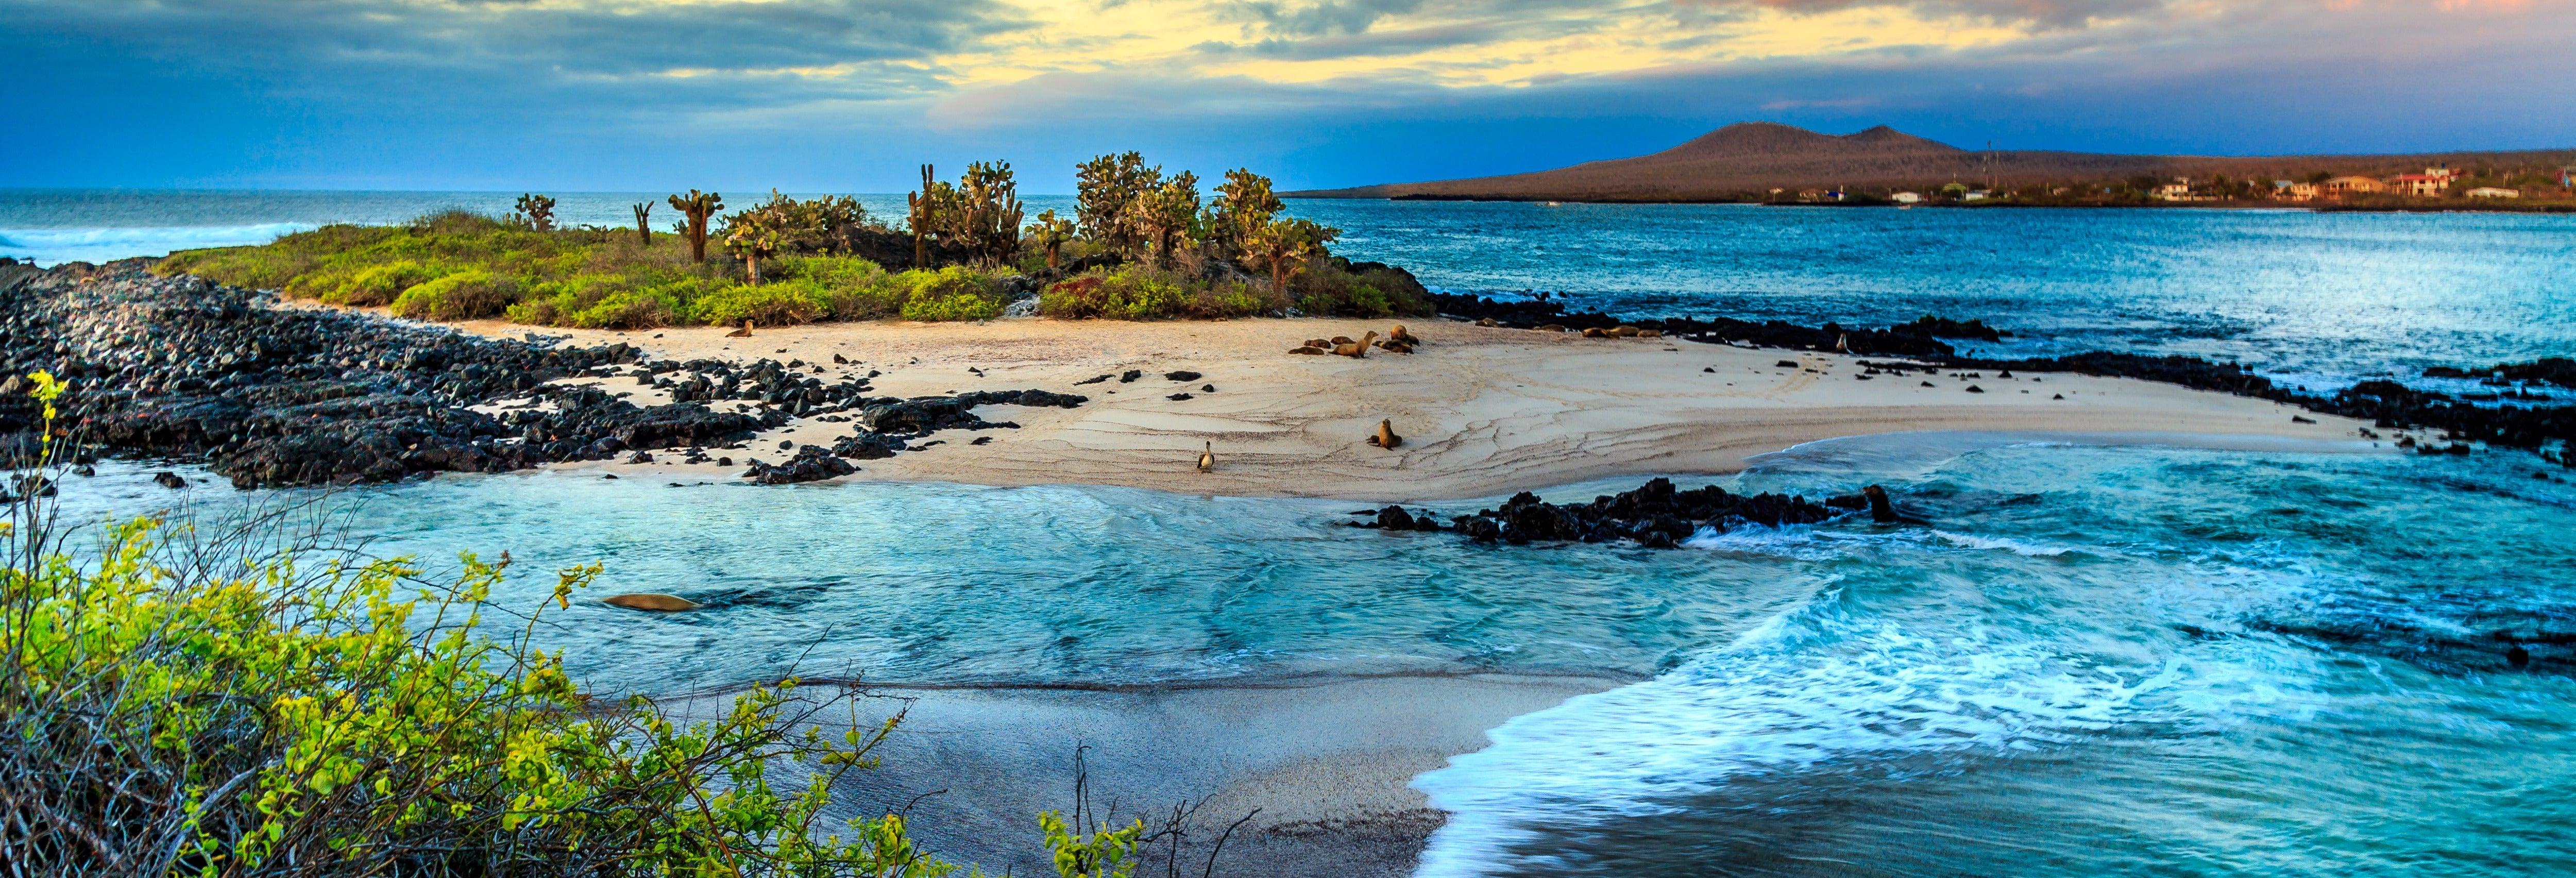 Crucero de 8 días por el norte de las islas Galápagos